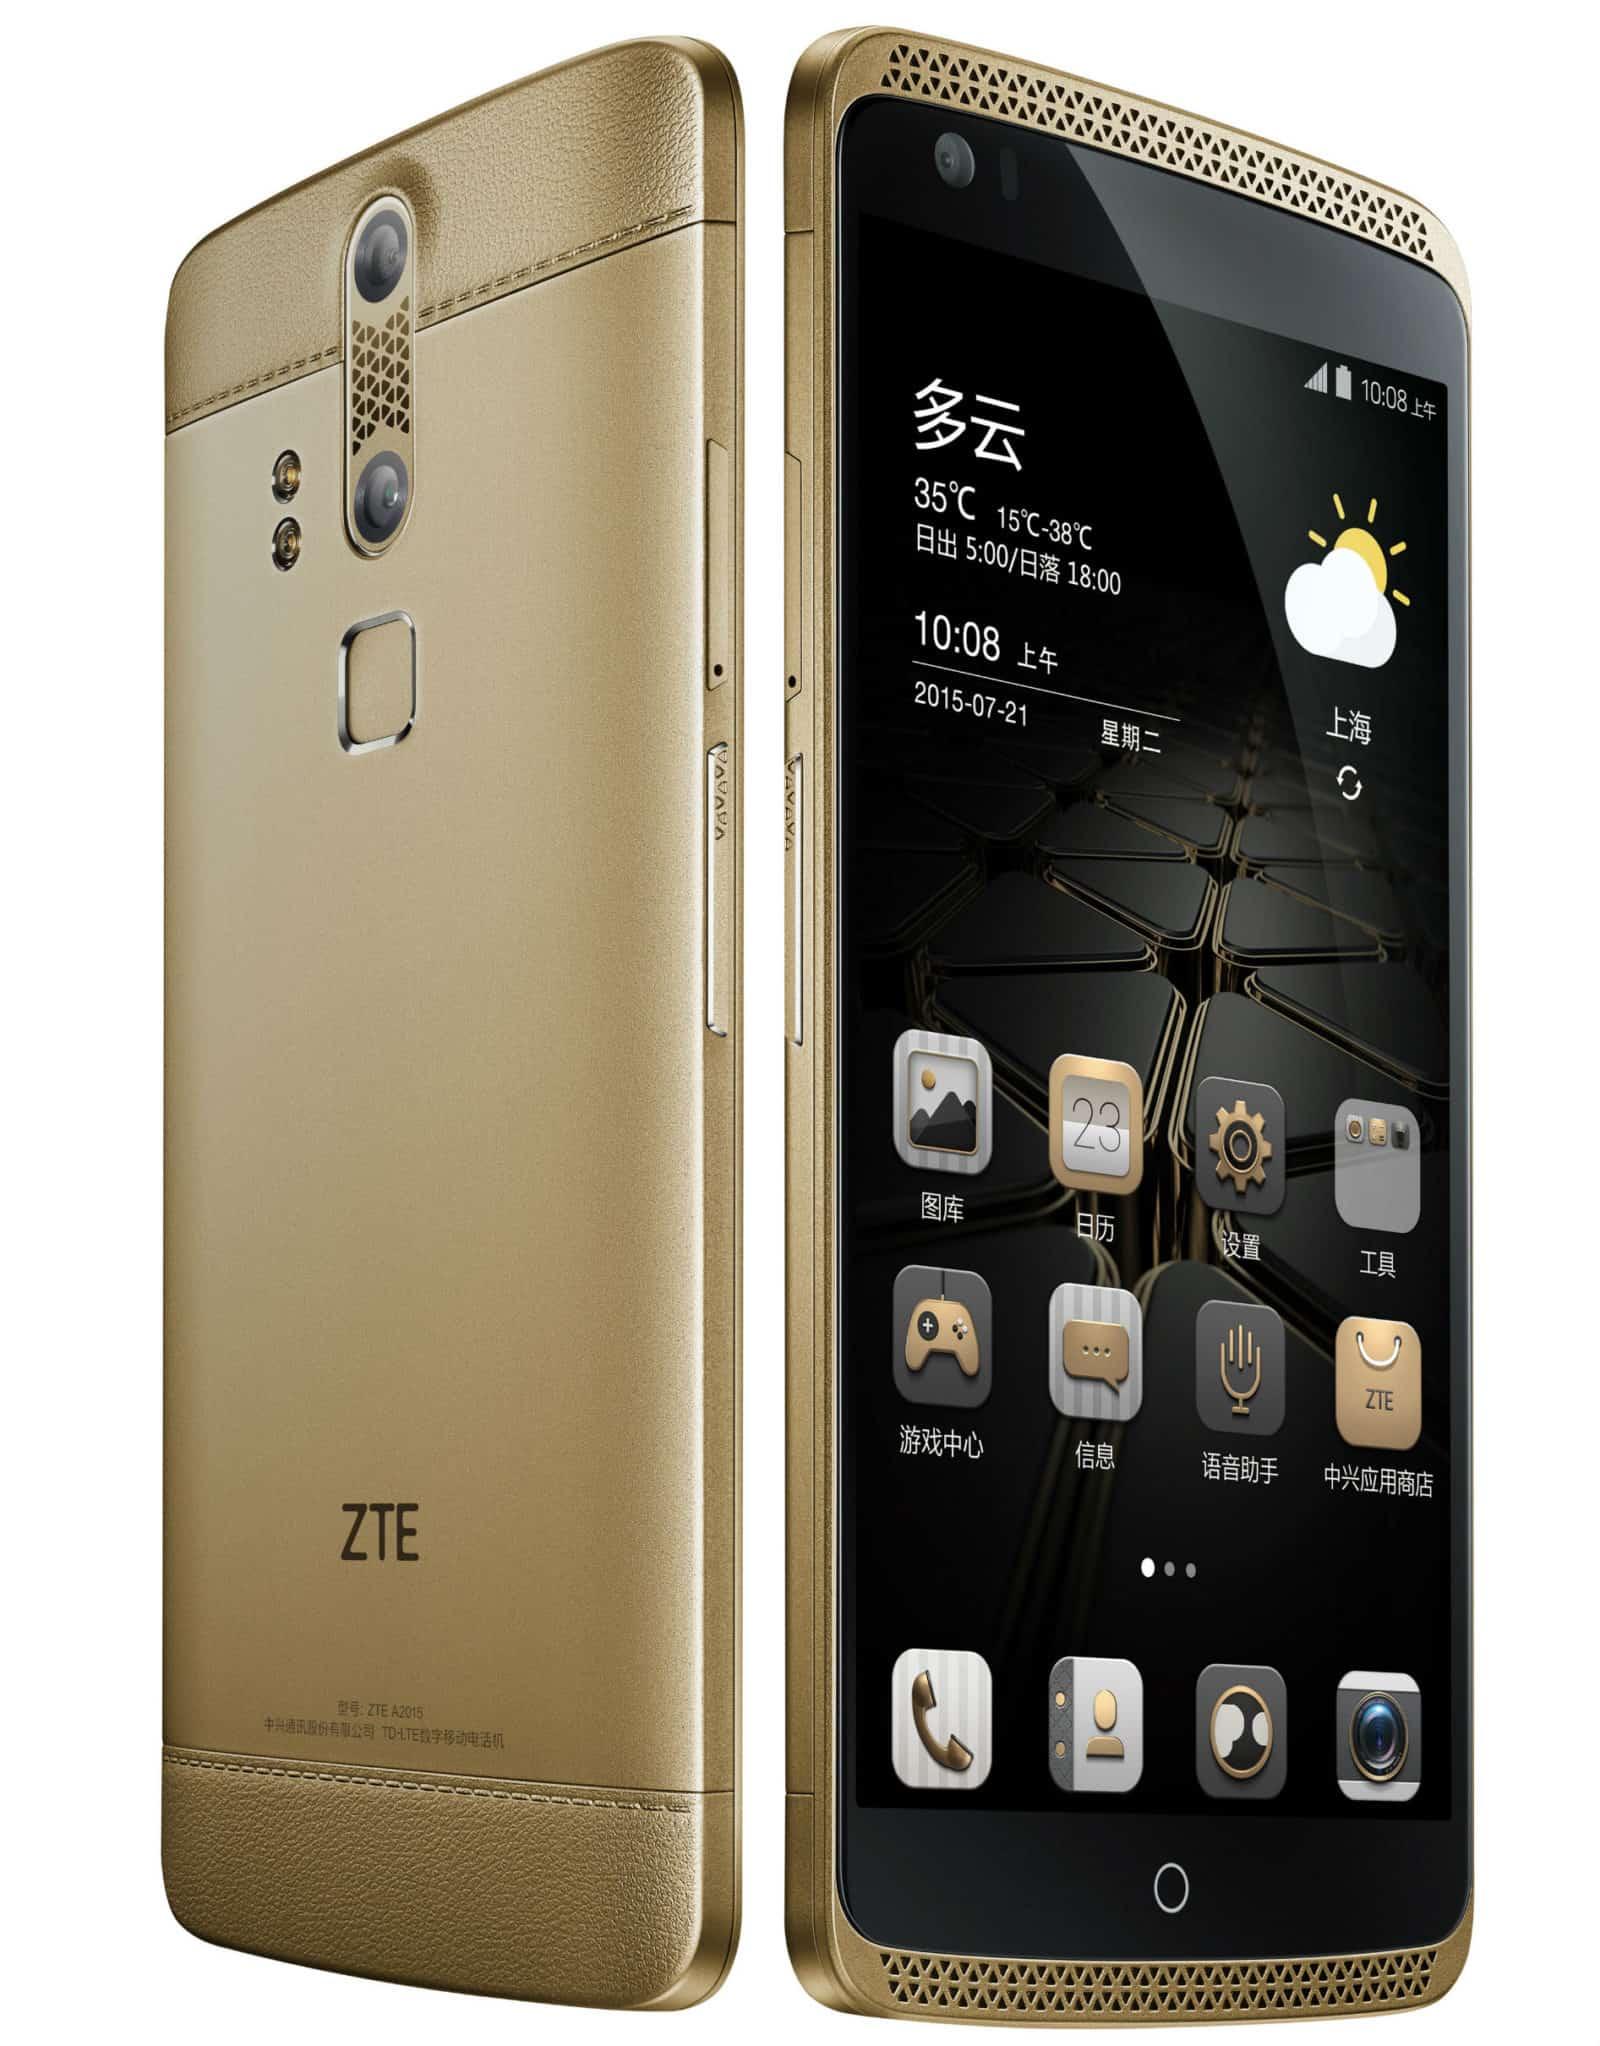 ZTE_Axon_phone